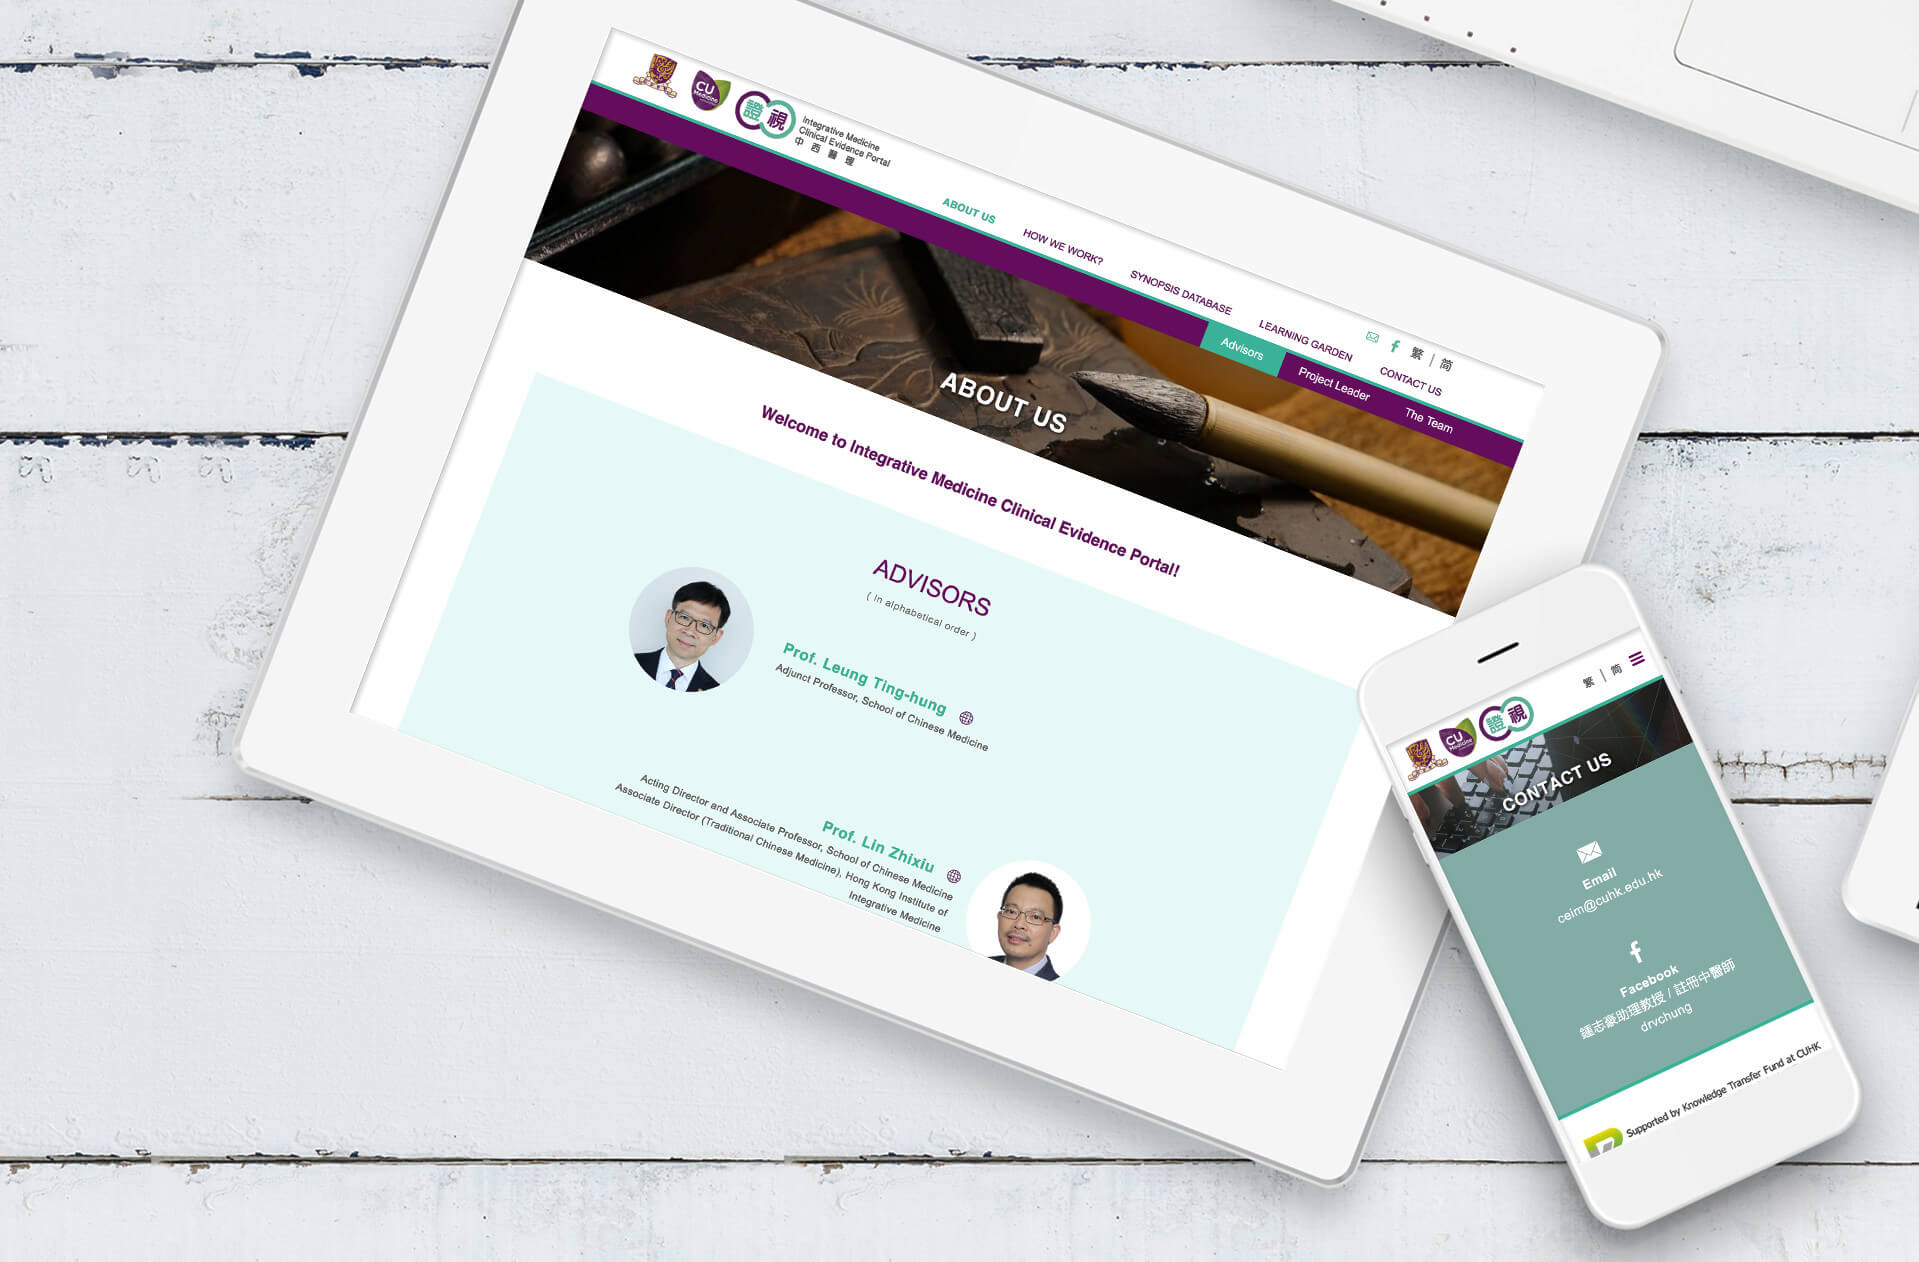 Integrative Medicine Clinical Evidence Portal